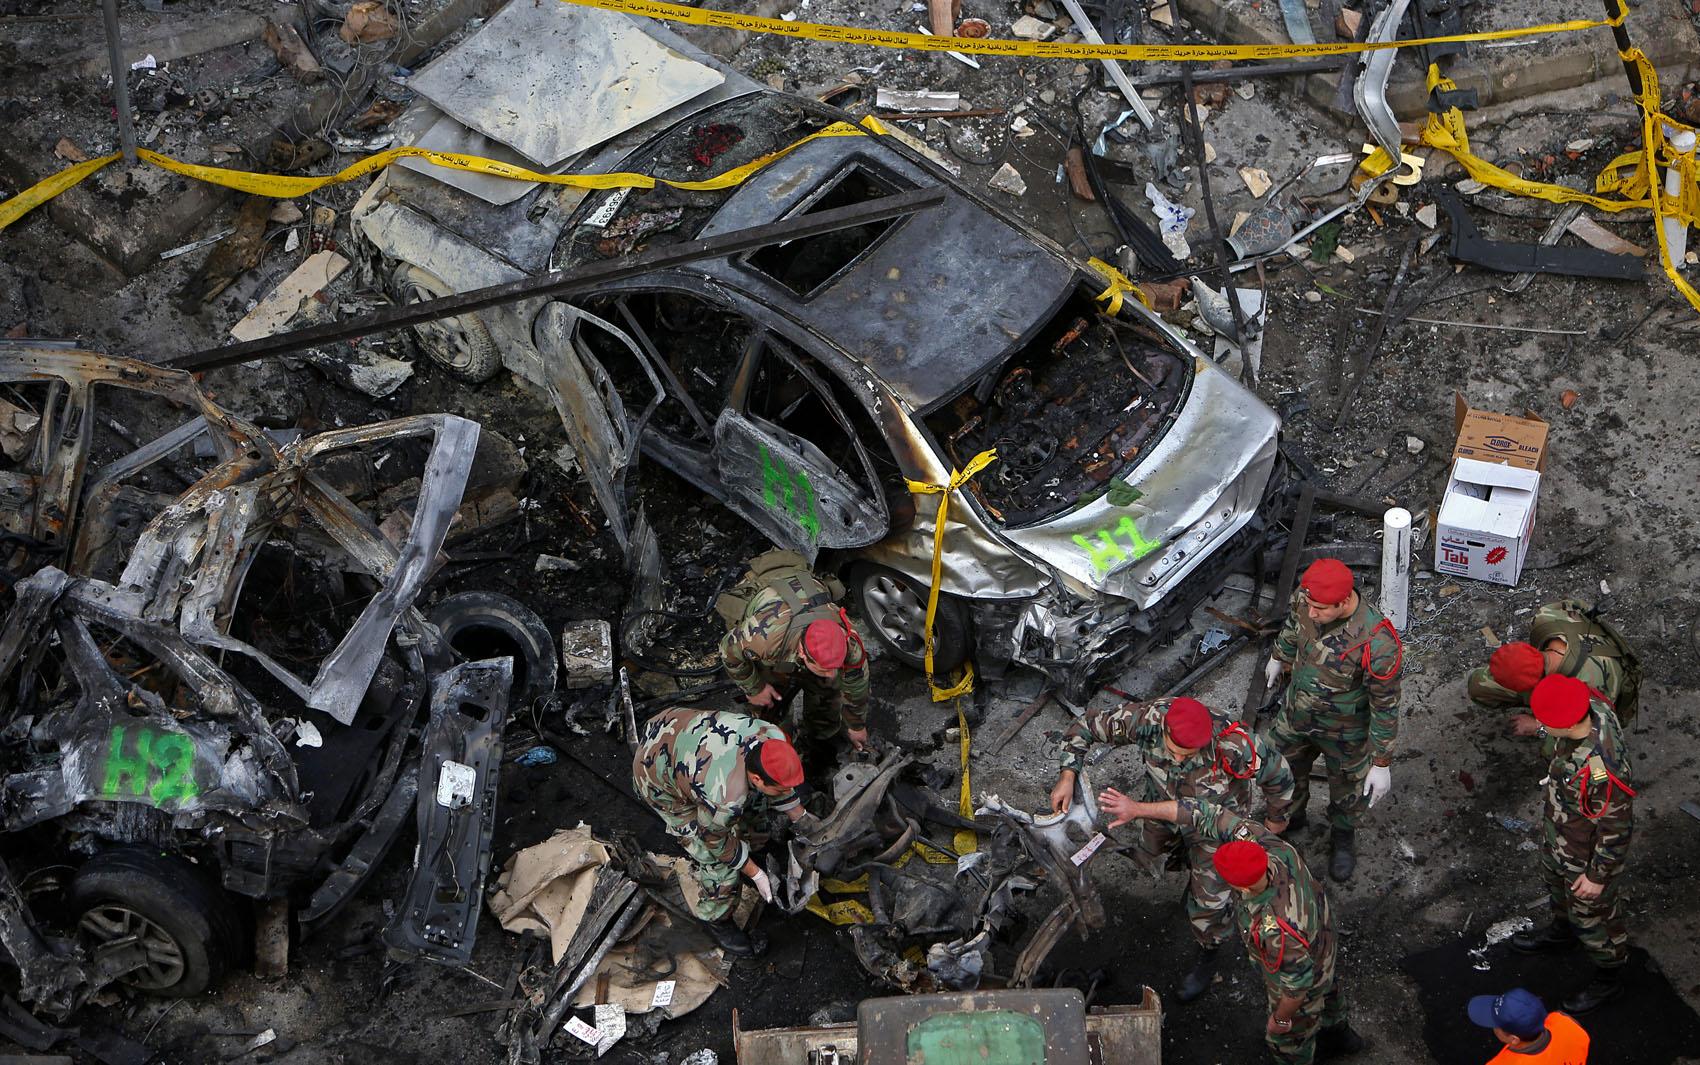 Investigadores do Exército libanês inspecionam o local de uma explosão de um carro bomba no sul de Beirute, no Líbano.